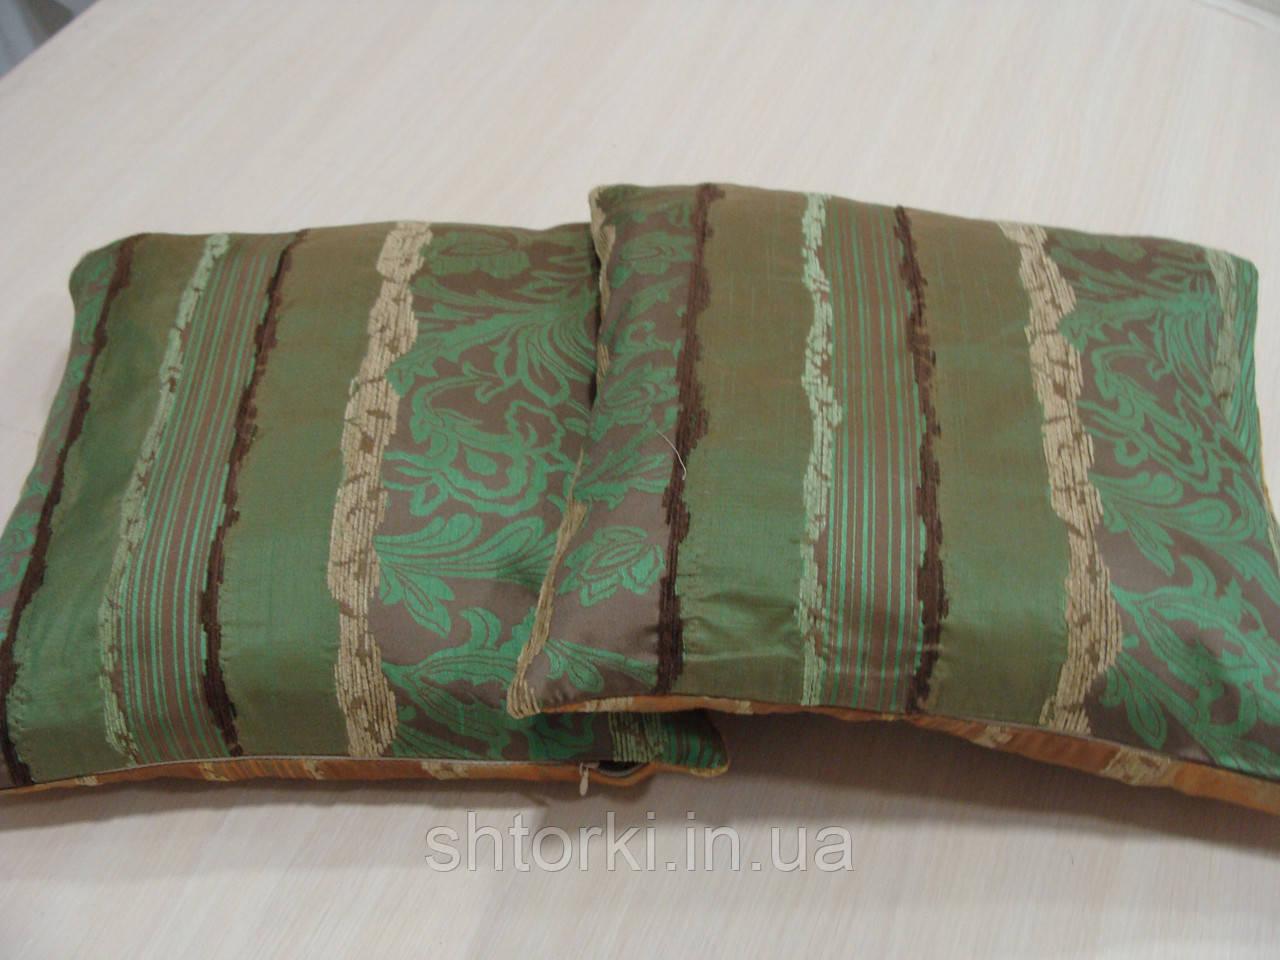 Комплект подушек Рельеф зеленые и оранж, 2 шт